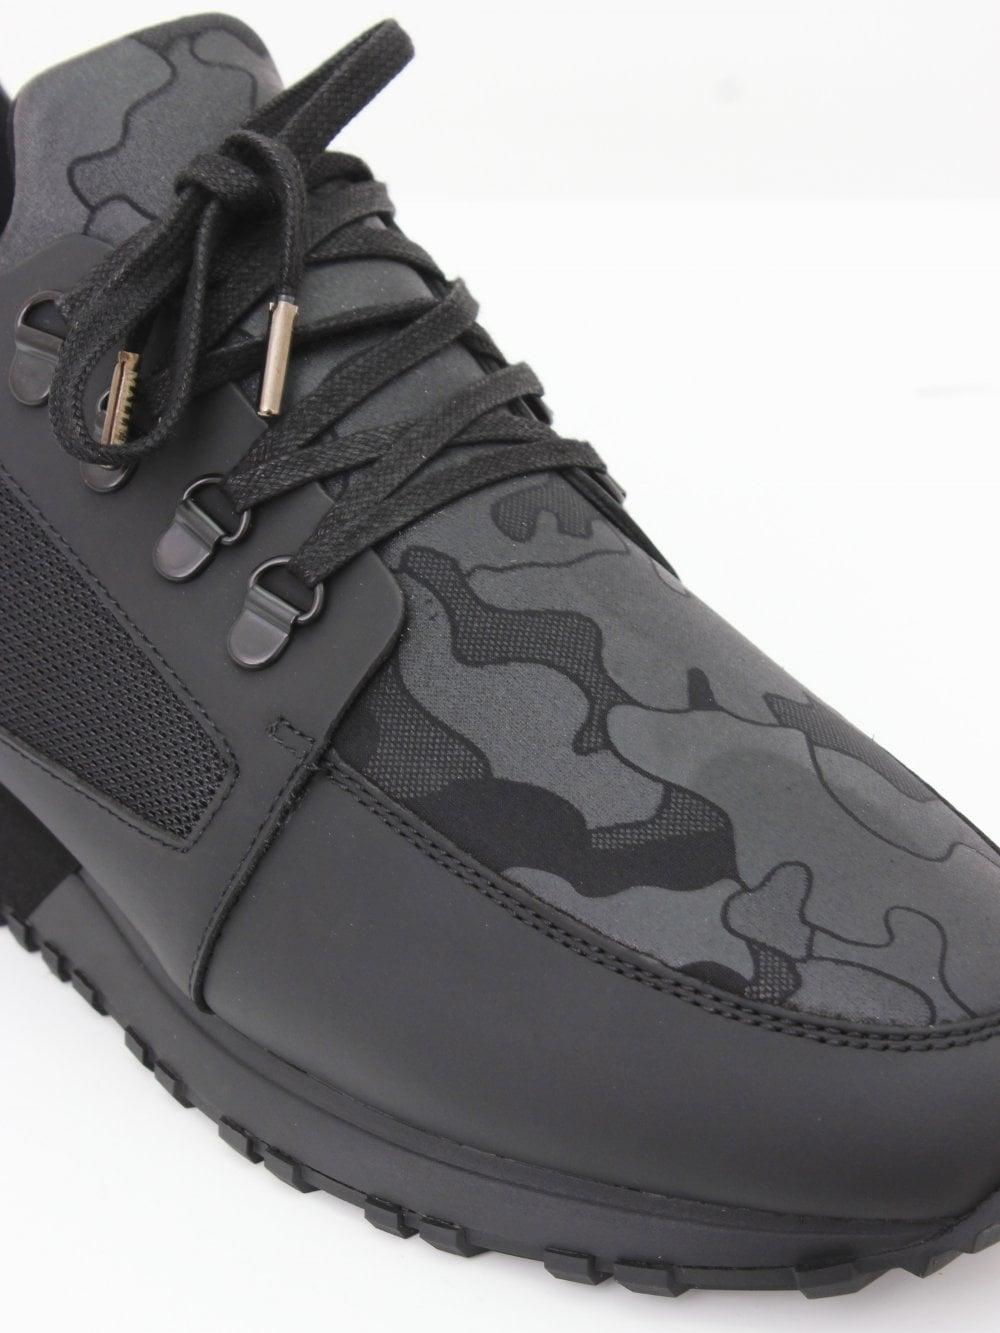 Mallet BLTR Hiker Camo in Black